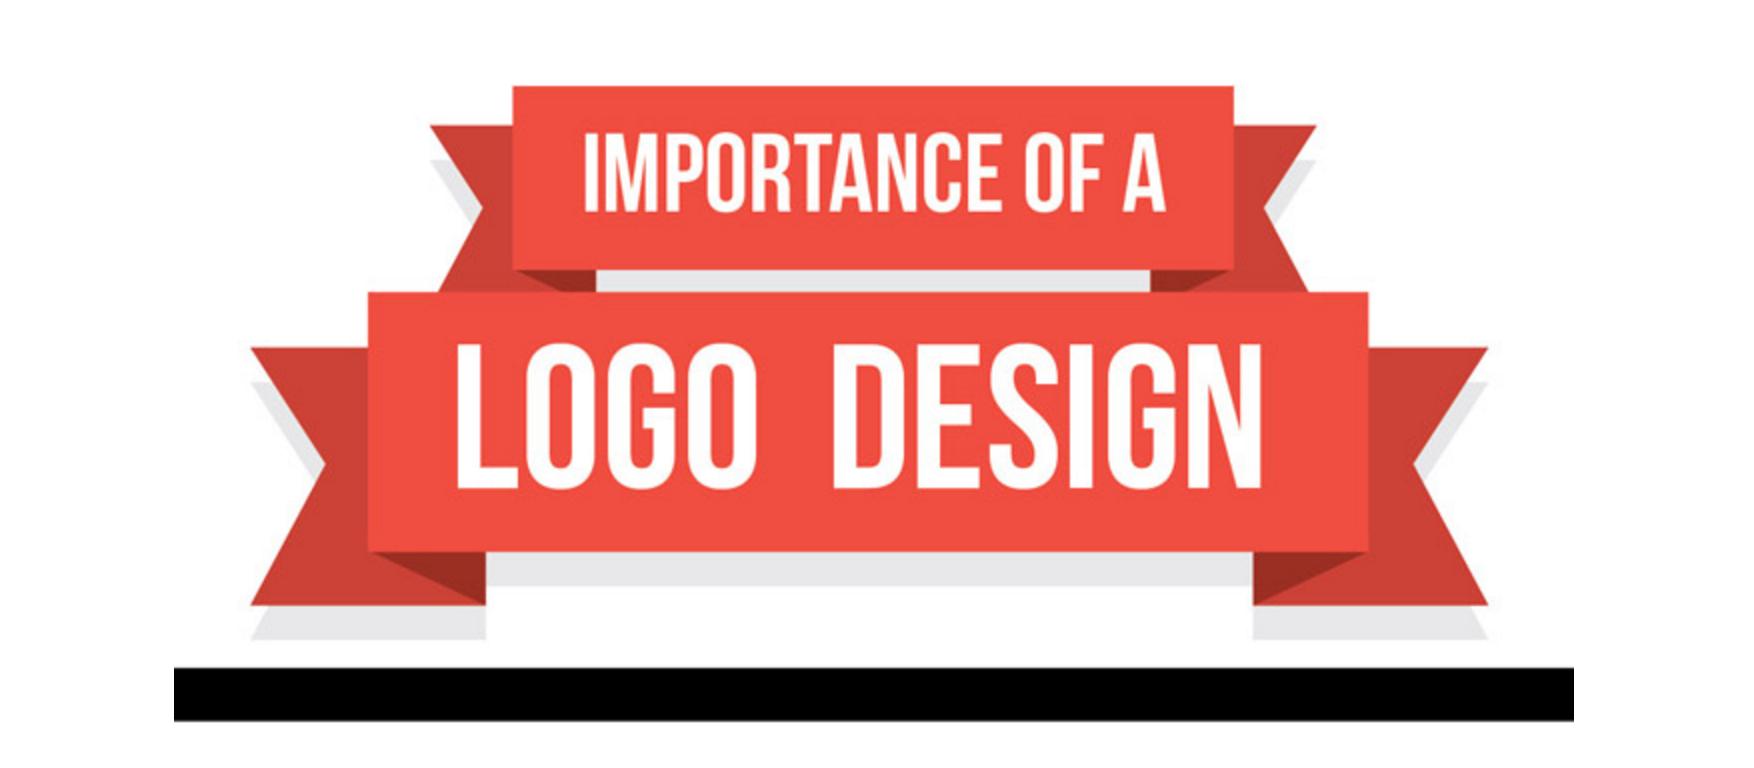 La importancia de un buen diseño de logo